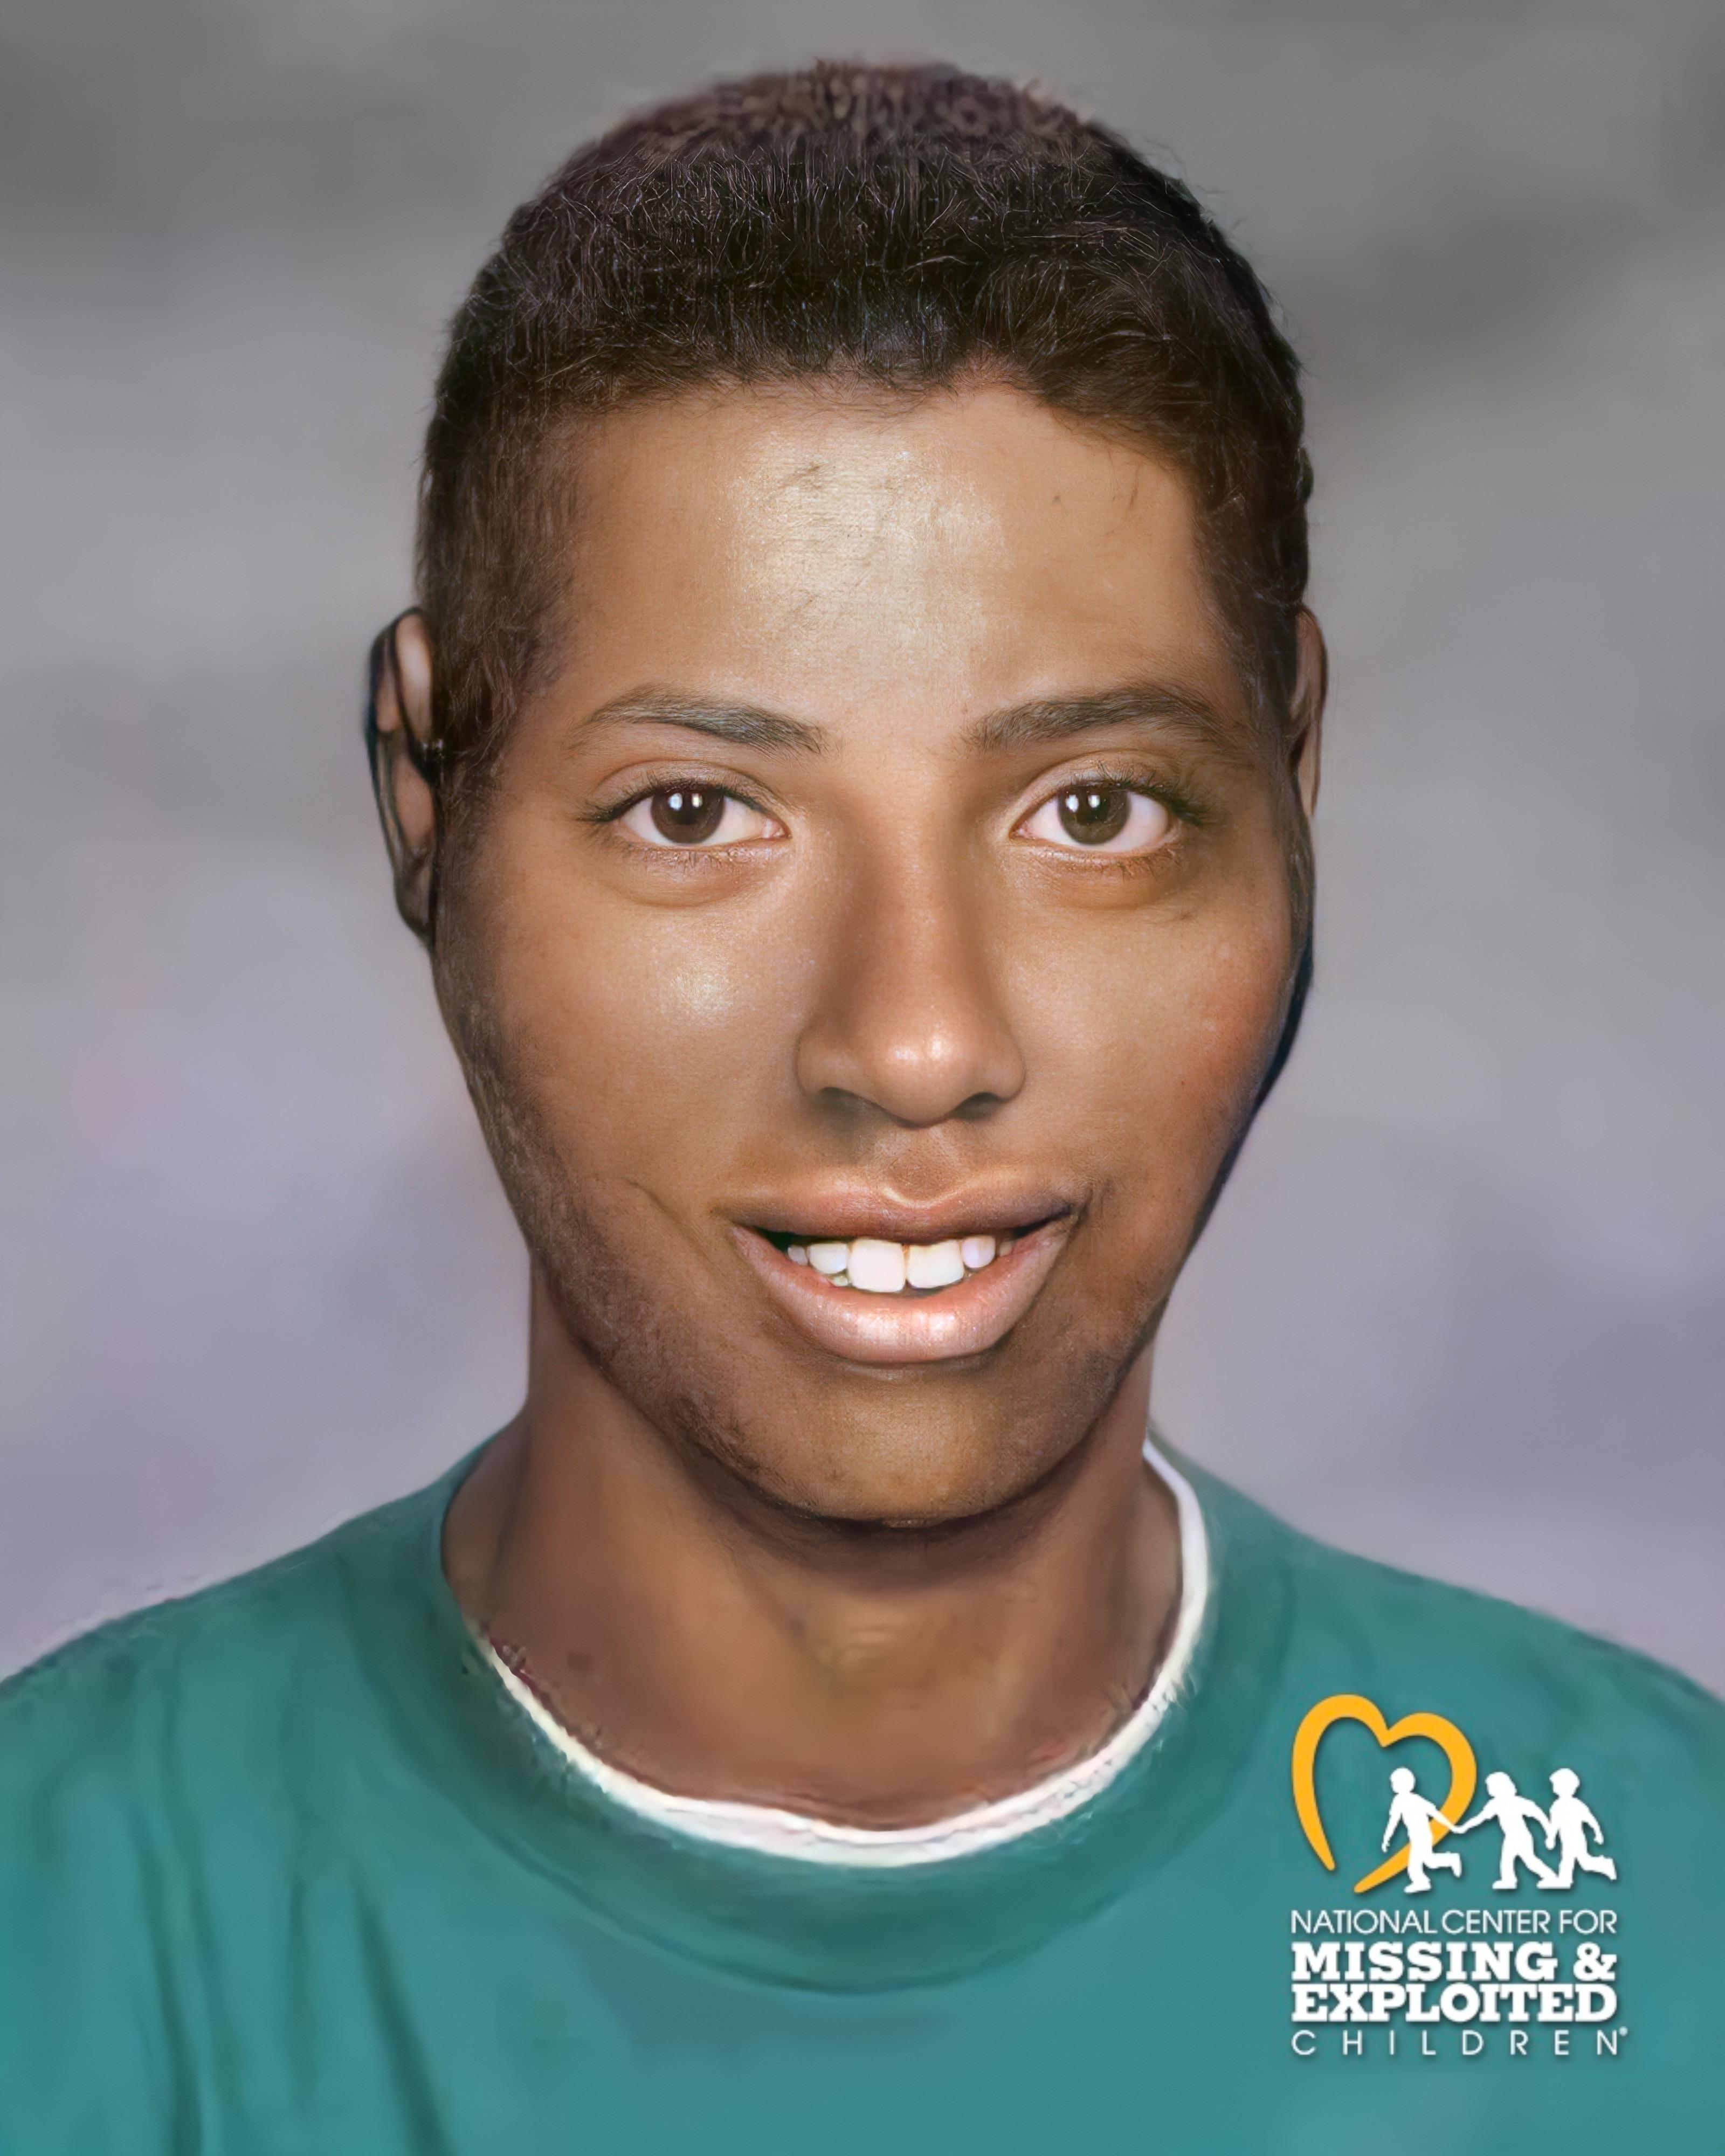 Tarrant County John Doe (February 2, 1997)